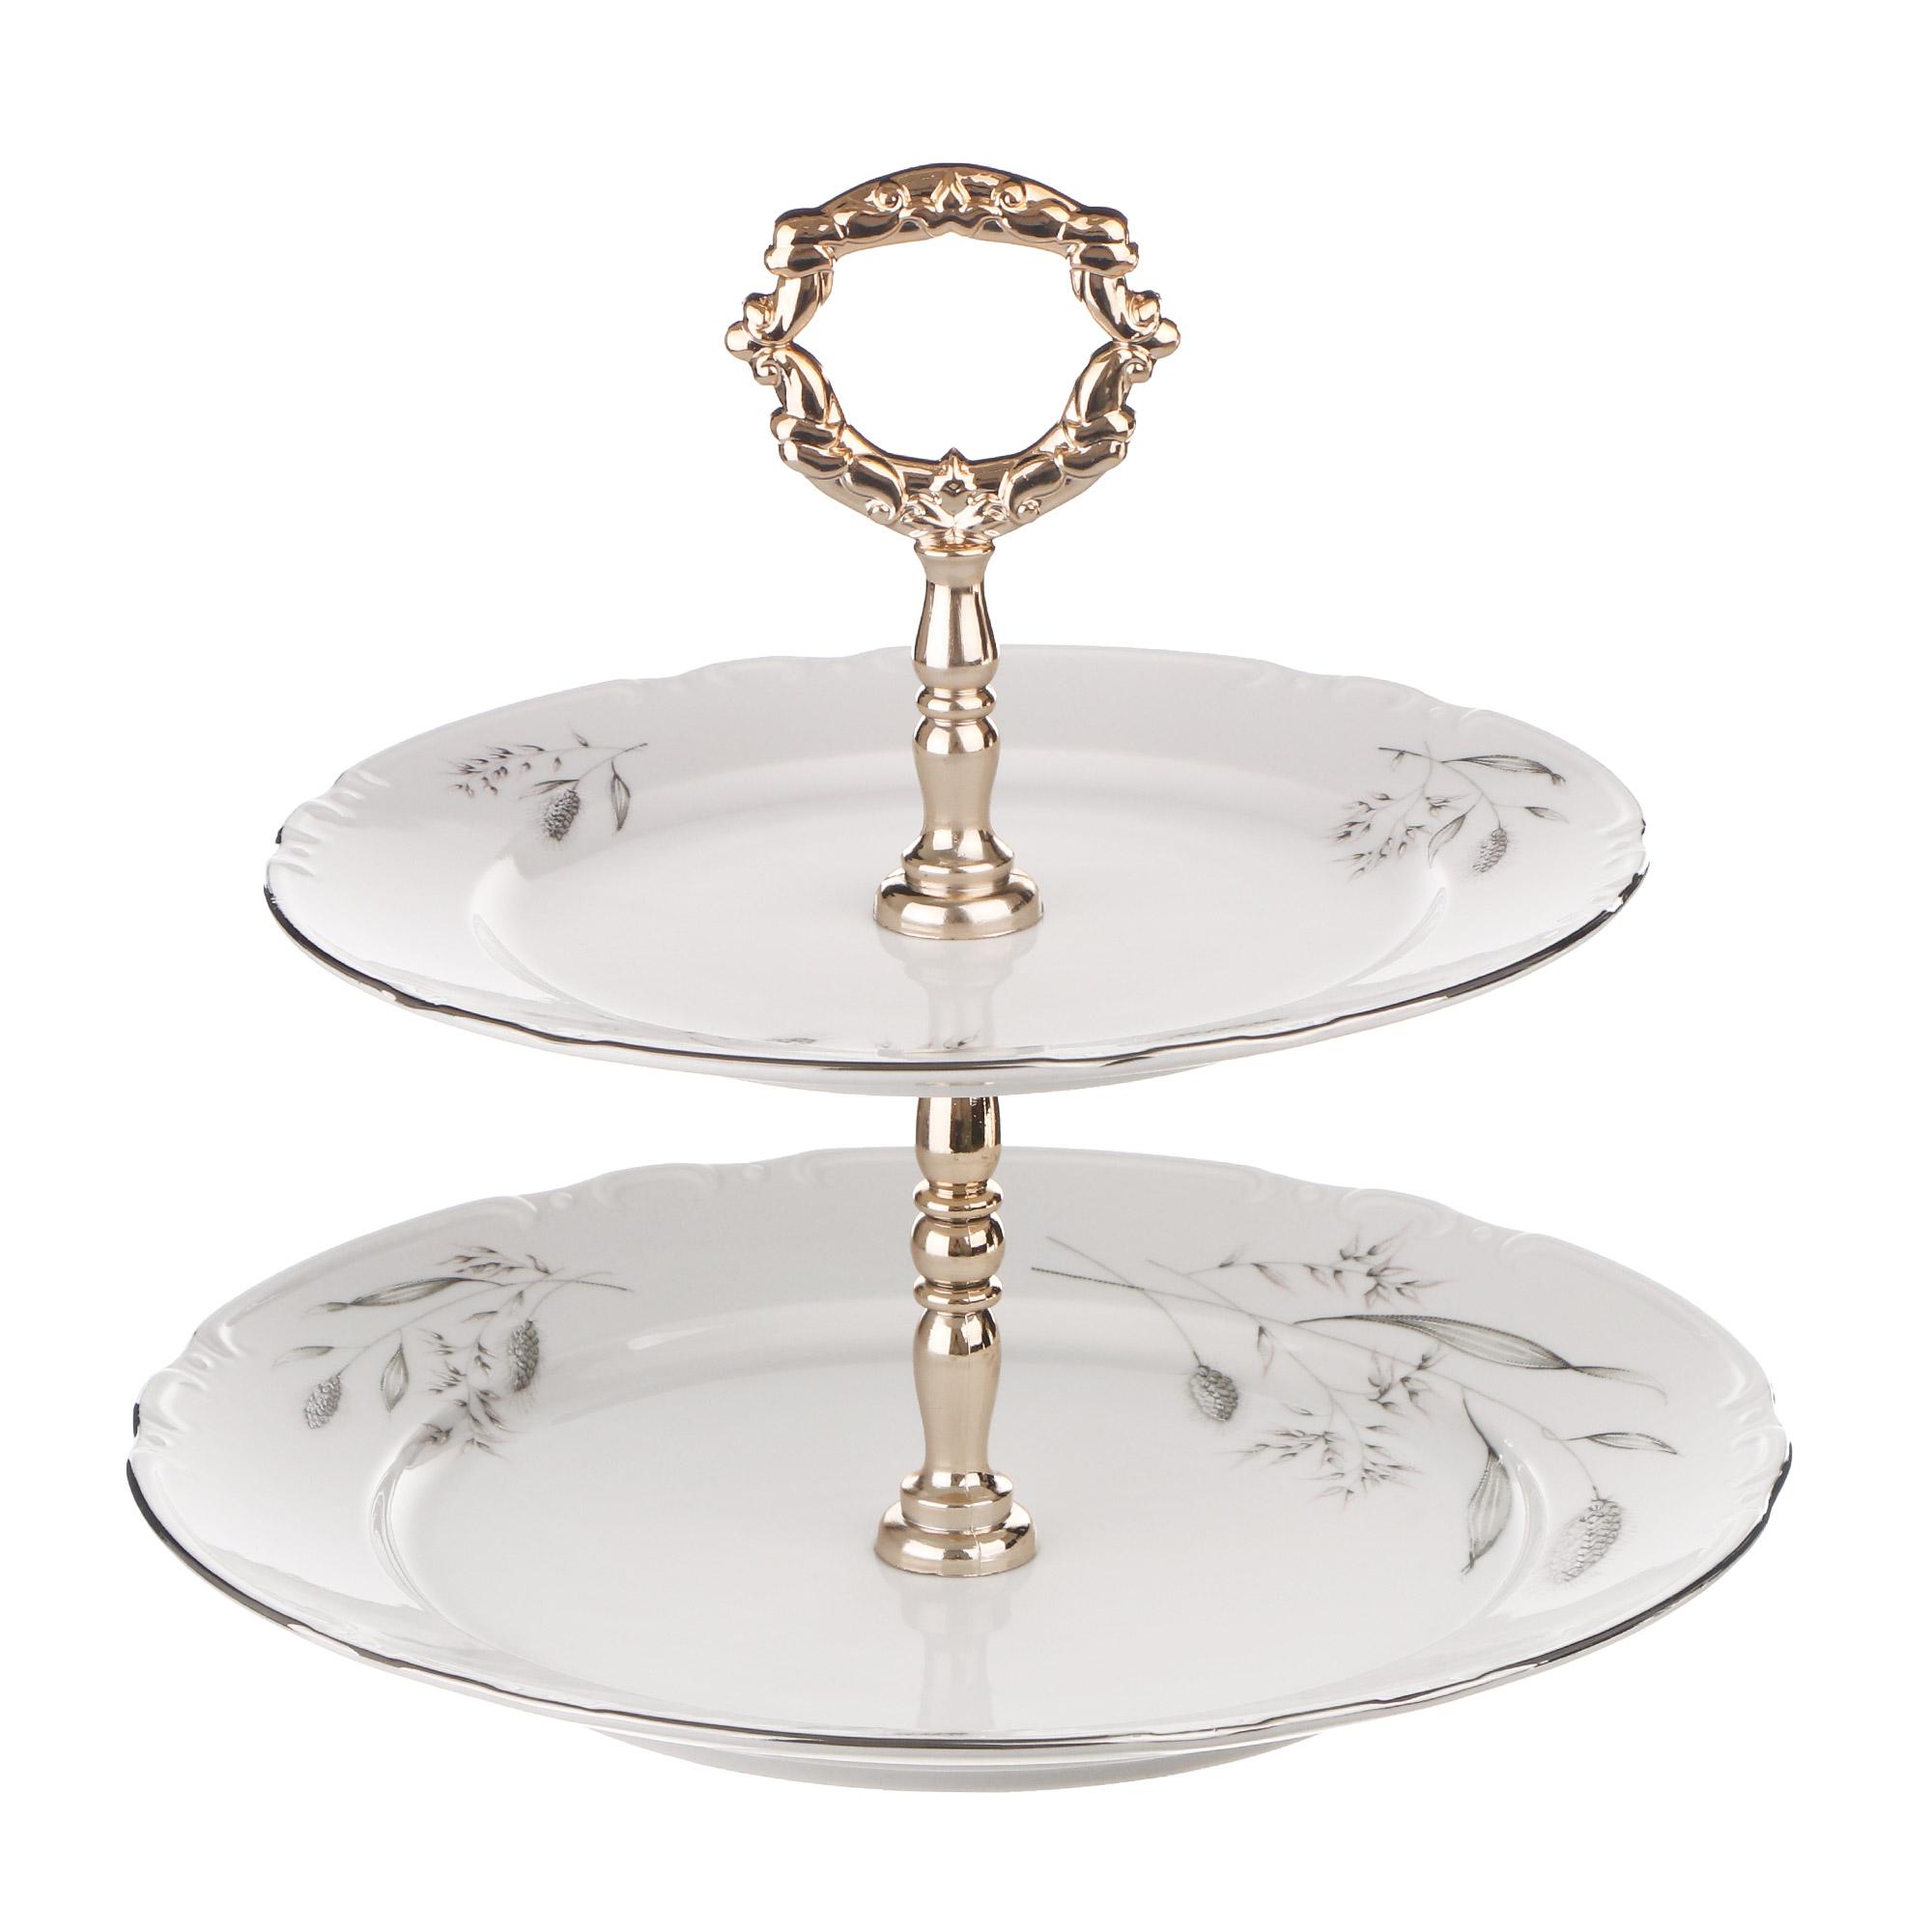 Этажерка 2-х ярусная Thun1794 декор серебряные колосья, отводка платина